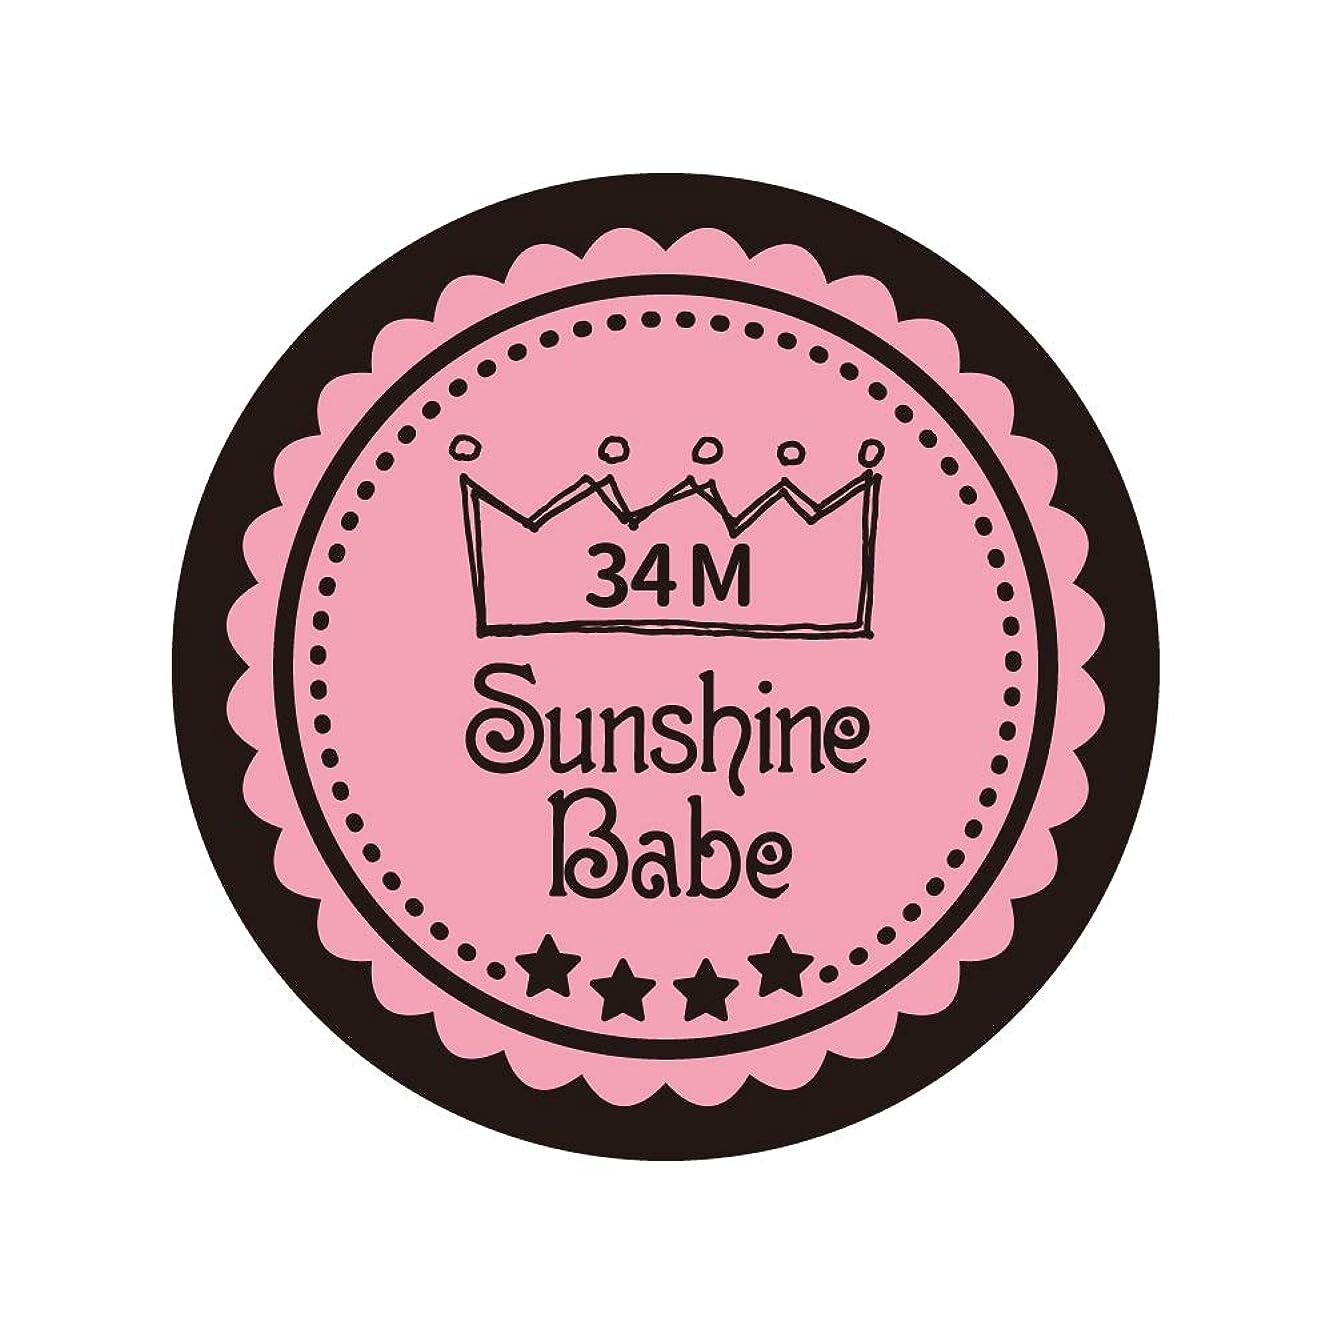 北西販売計画フィットネスSunshine Babe カラージェル 34M メロウローズ 4g UV/LED対応